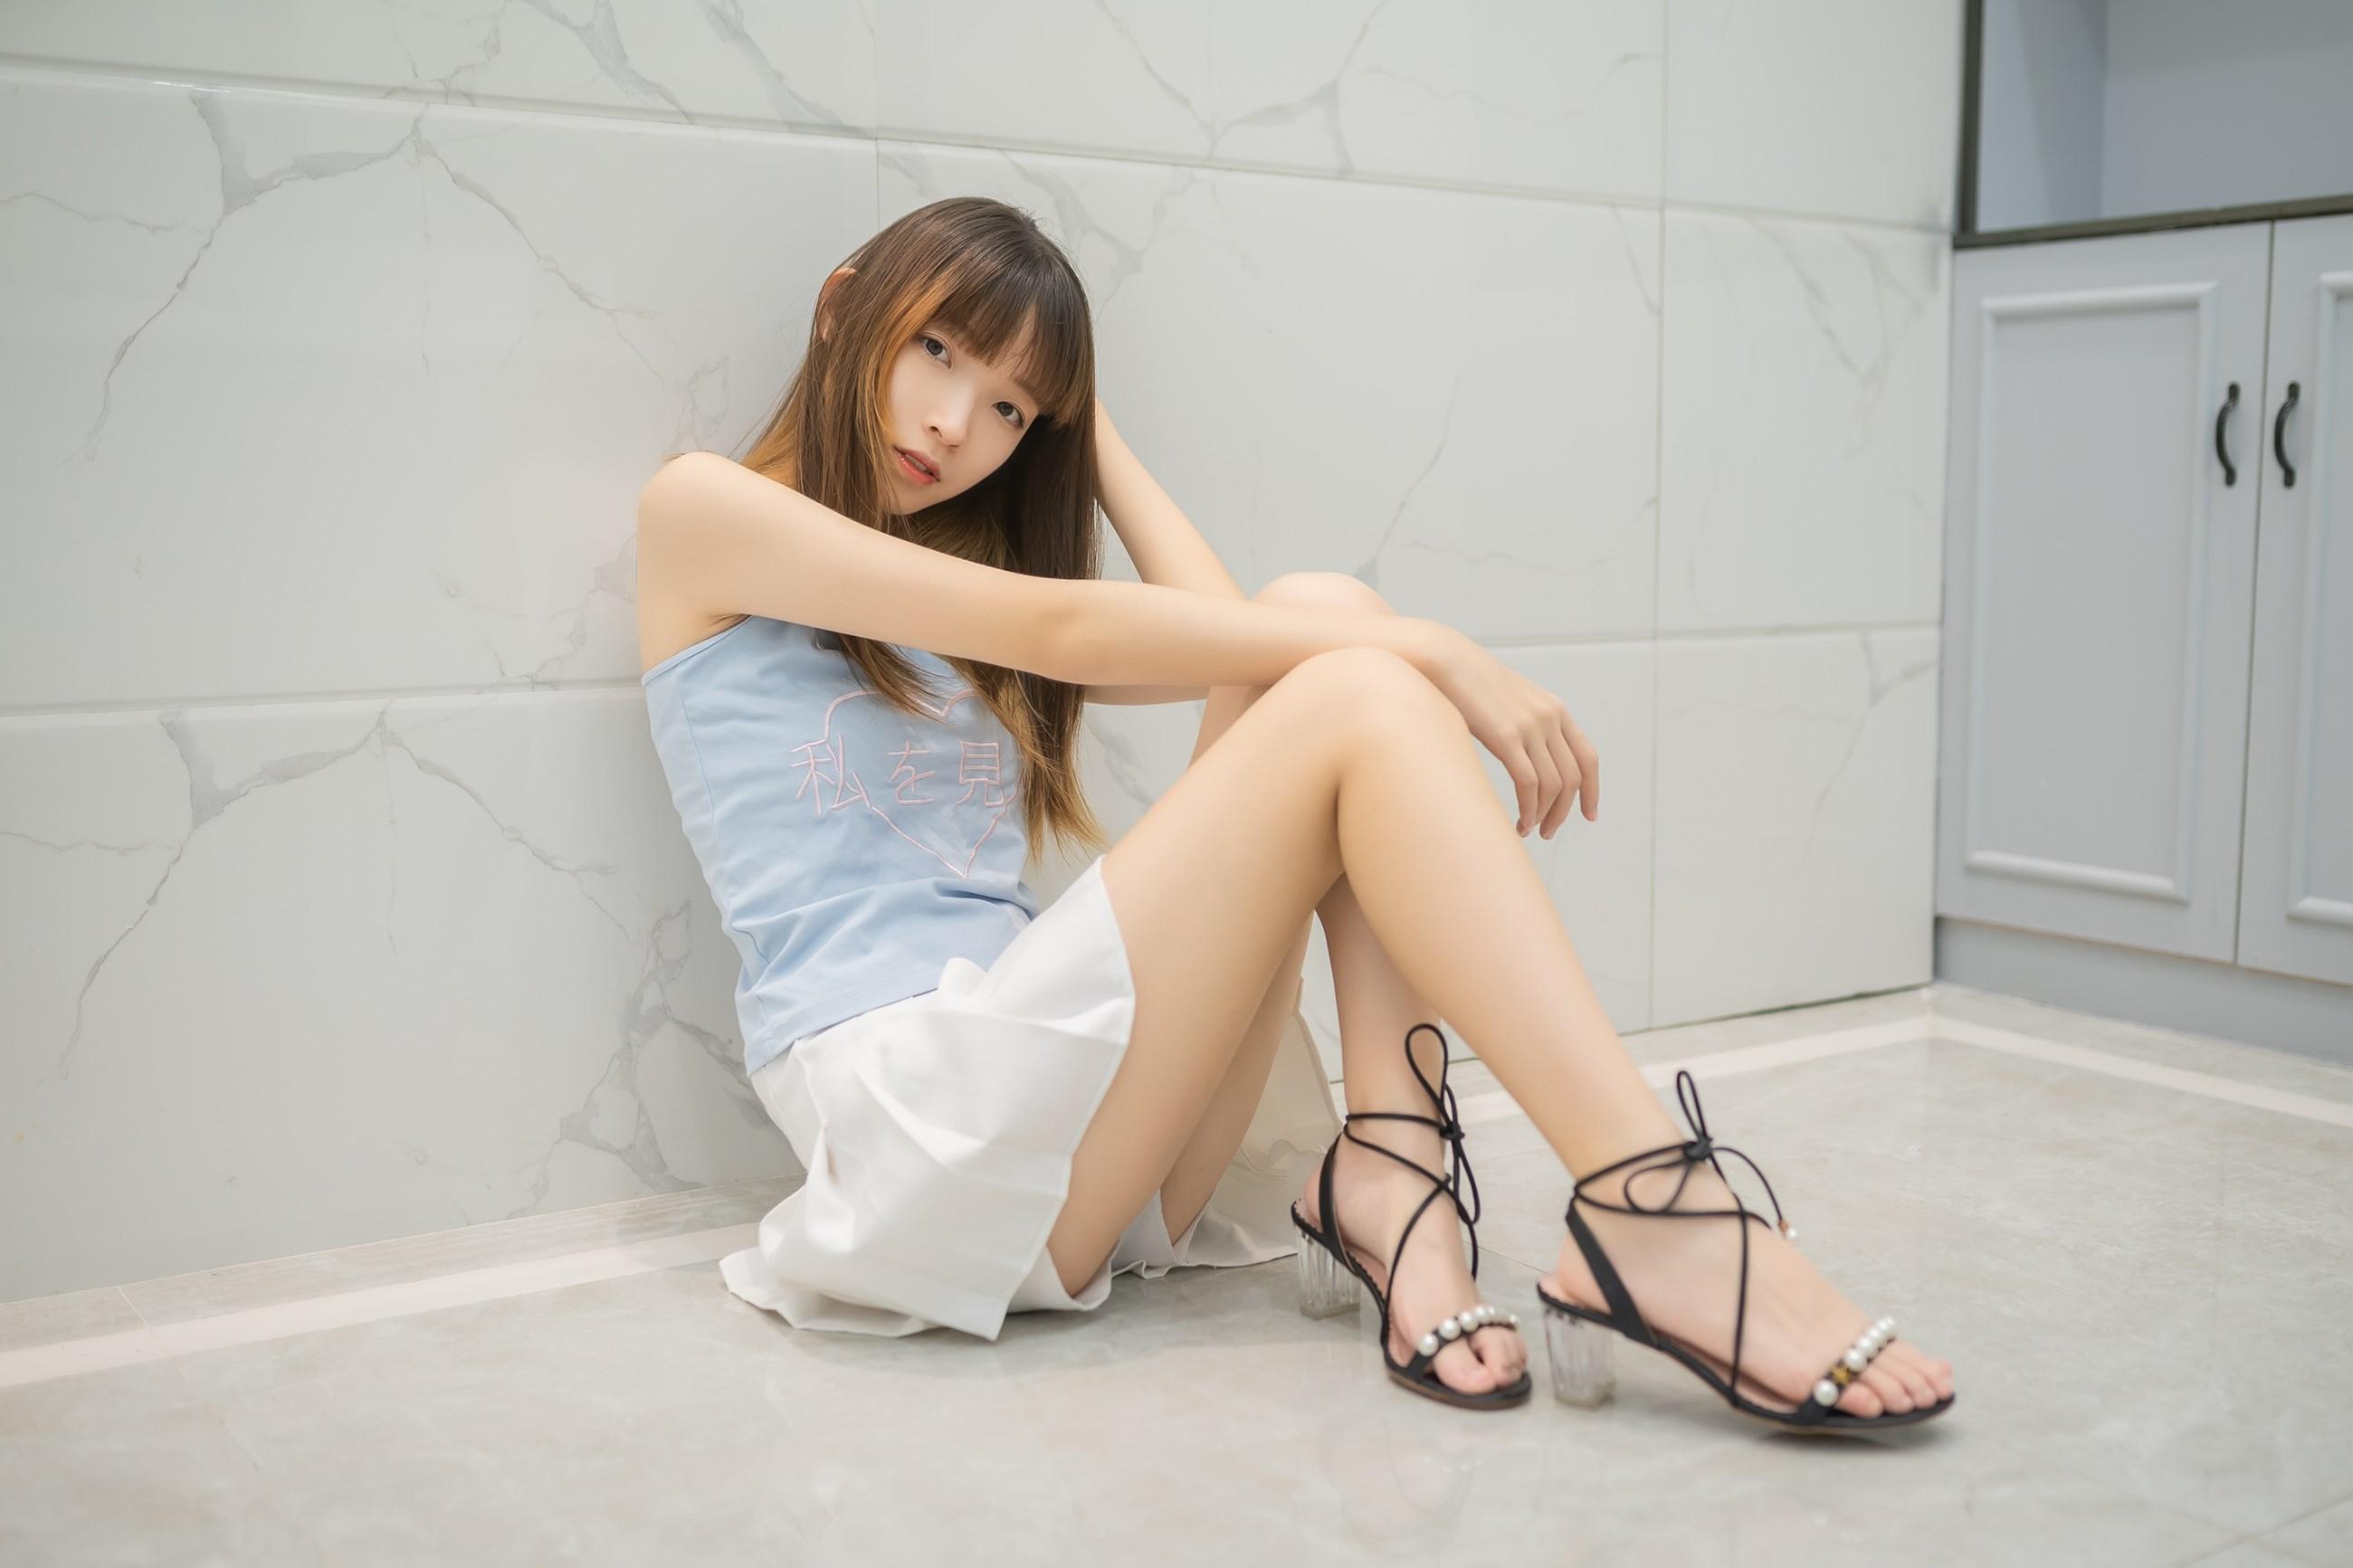 【兔玩映画】白裙果腿少女 兔玩映画 第14张